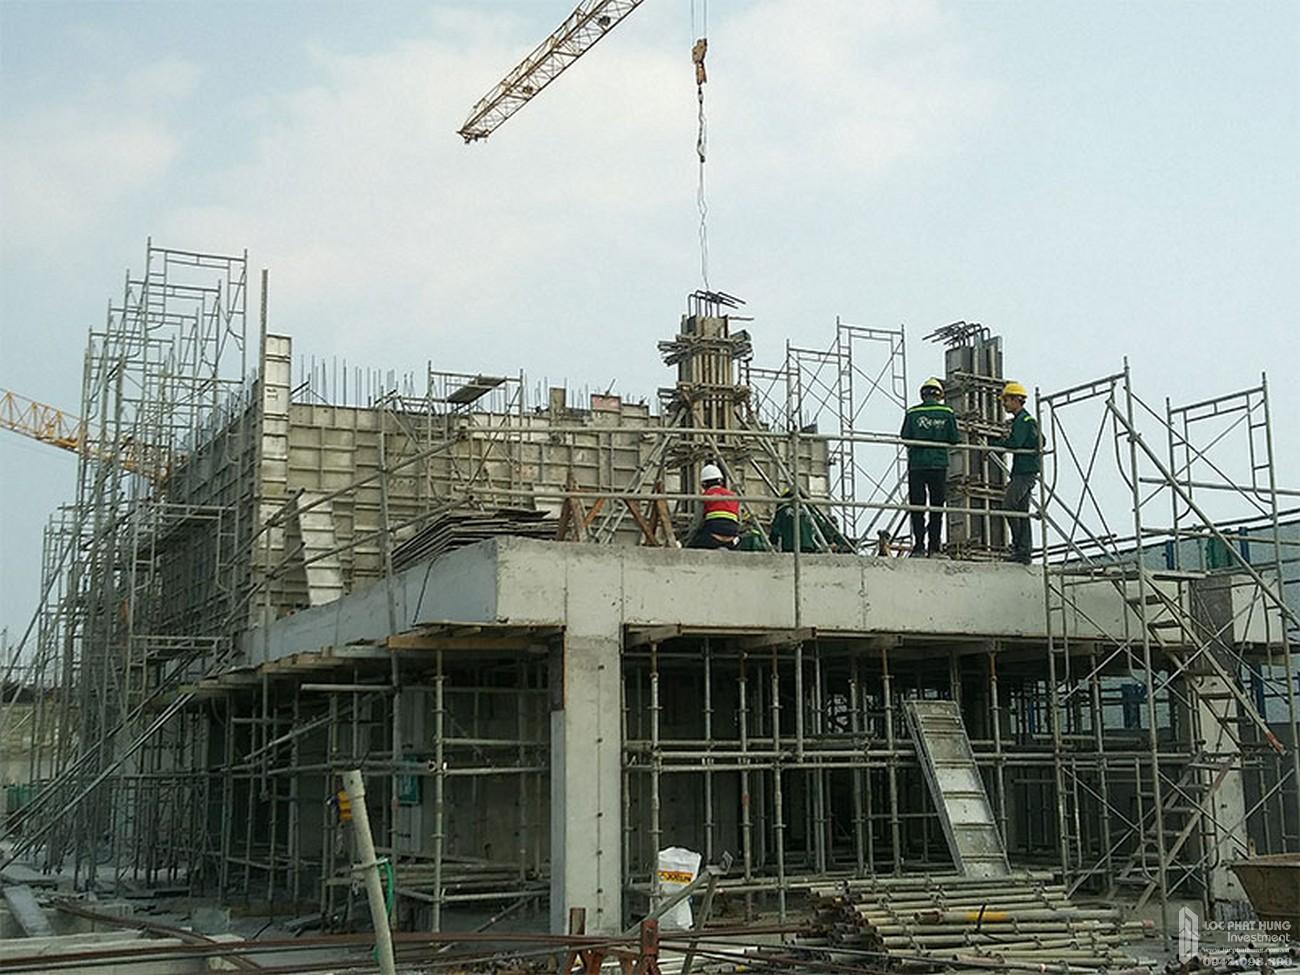 Lắp đặt Coffa cột vách tầng kỹ thuật dự án căn hộ chung cư River Panorama Quận 7 tháng 02/2020